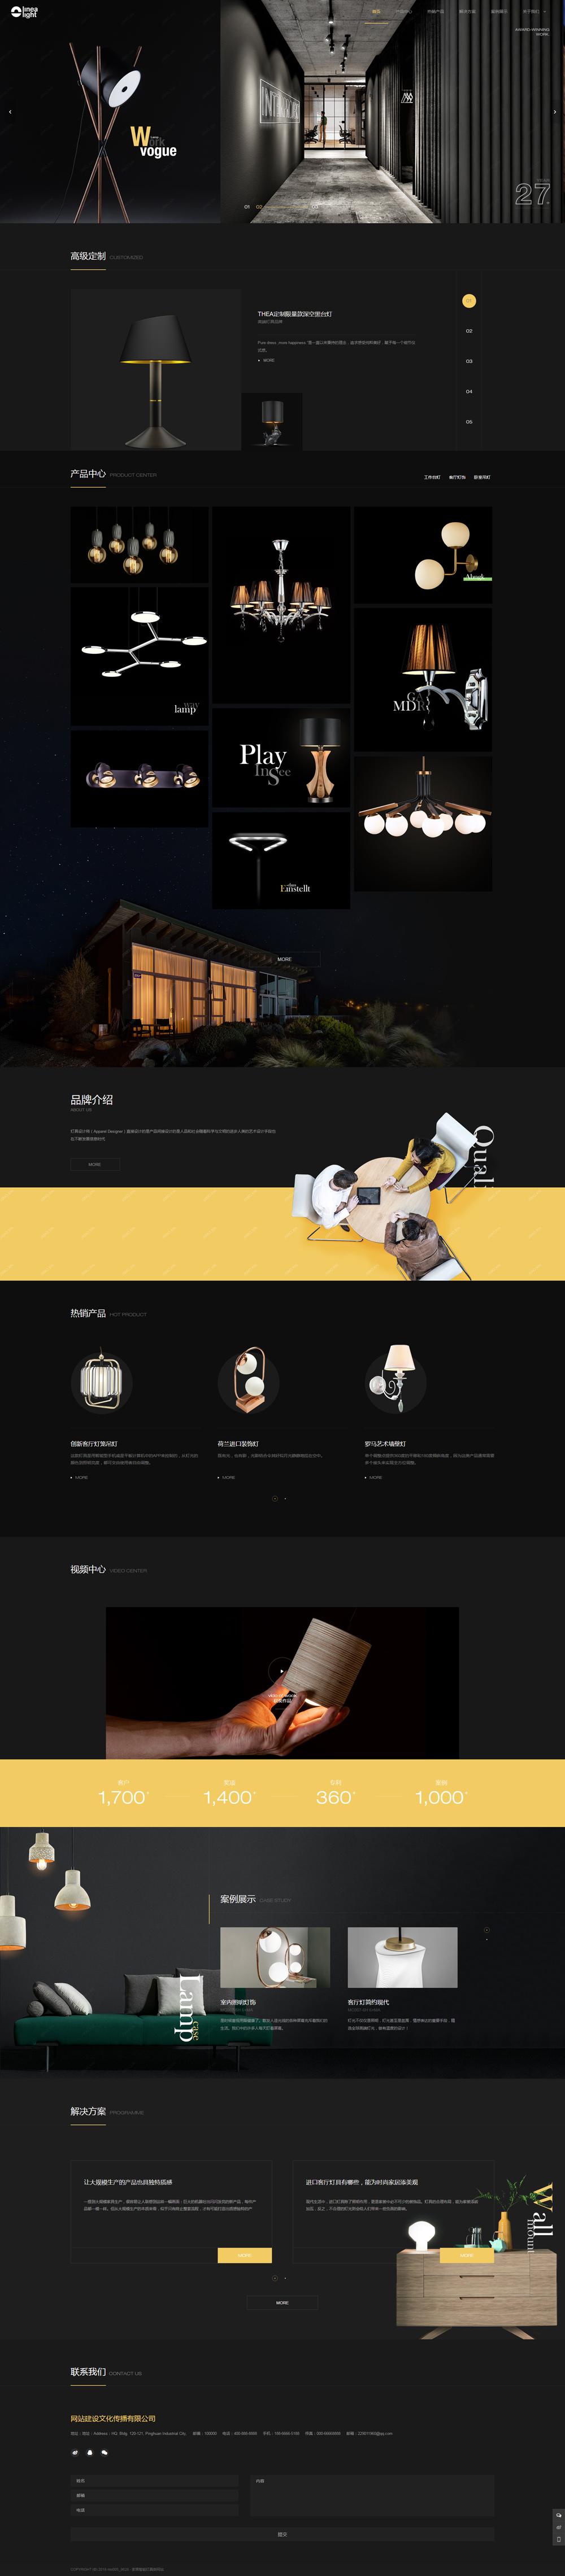 家居用品,灯具饰品类 - mo005_9628 - 家居智能灯具类网站.png